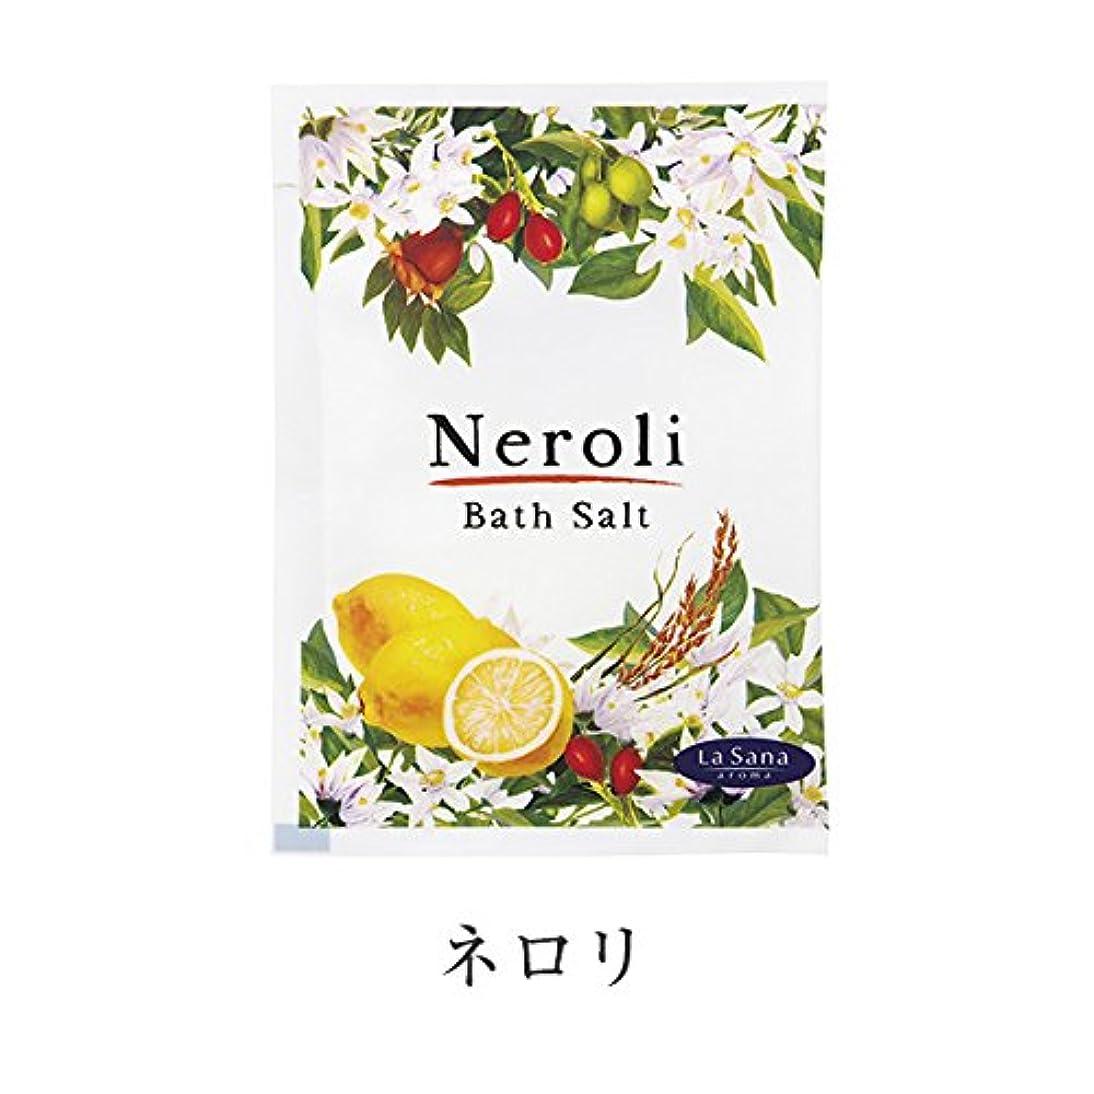 改善するとしてマイナーラサーナ アロマ バスソルト<パウダータイプ> 40g [ネロリの香り] 瀬戸内レモン果汁配合